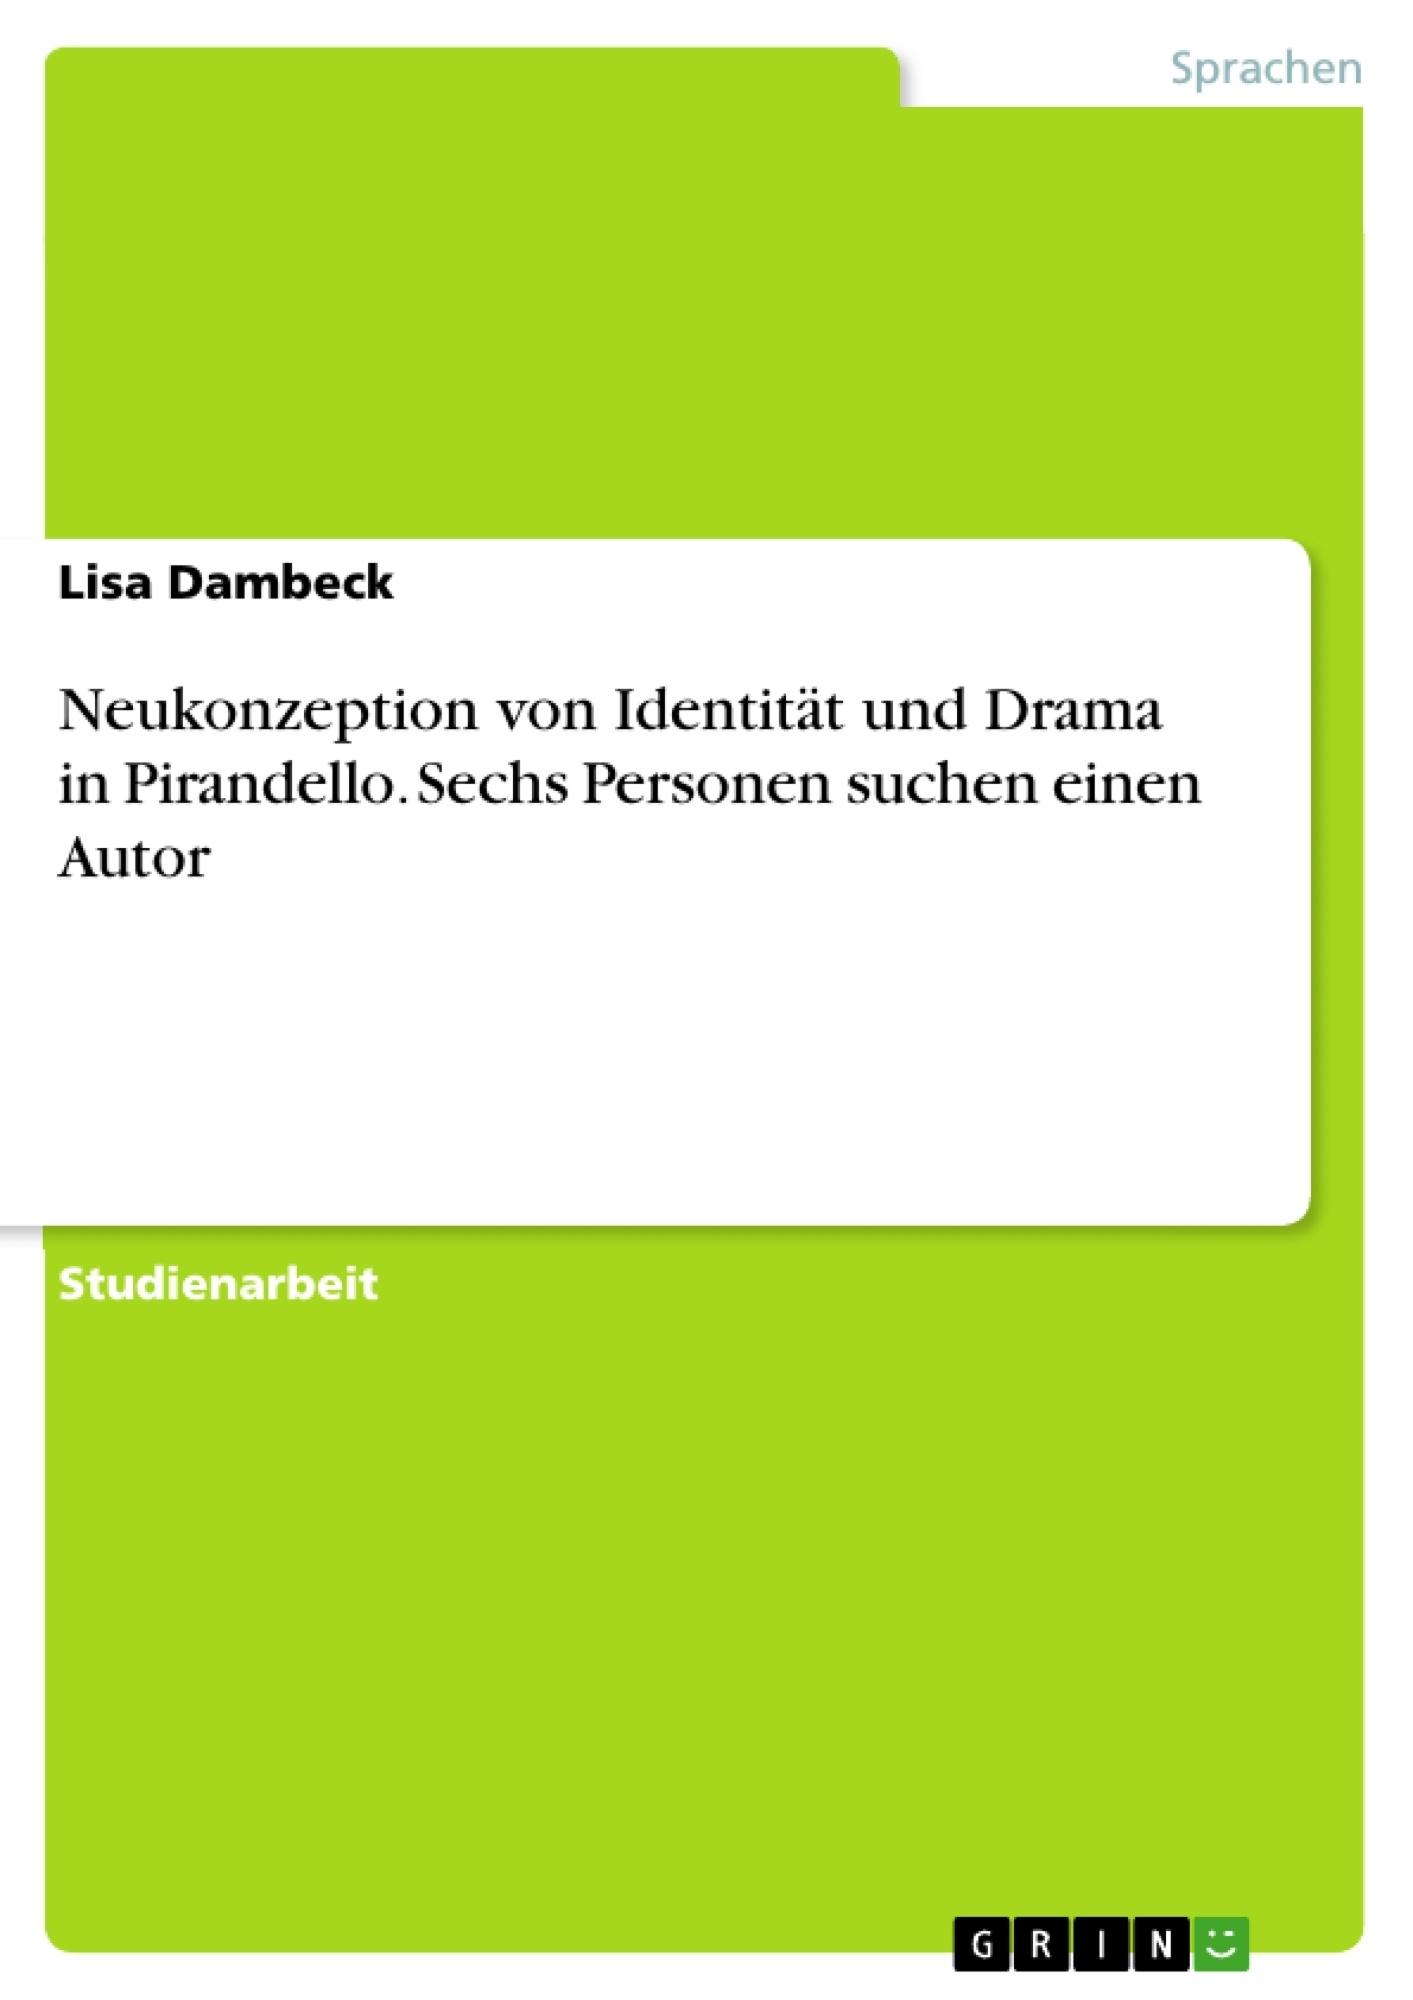 Titel: Neukonzeption von Identität und Drama in Pirandello. Sechs Personen suchen einen Autor